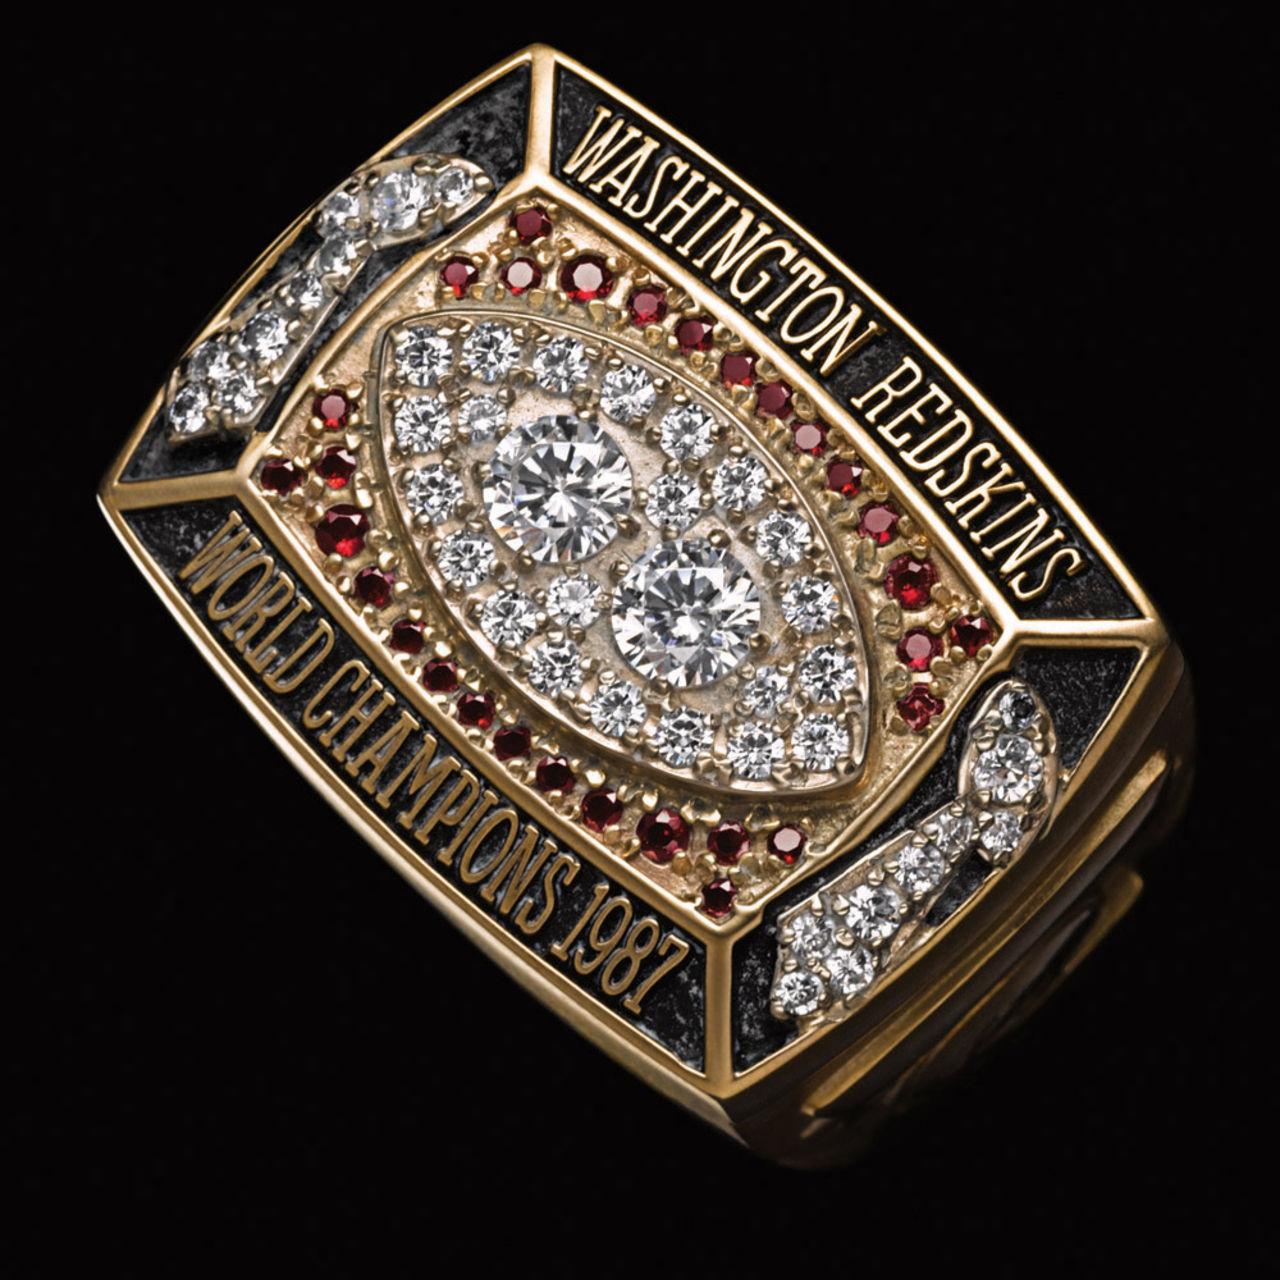 Washington Redskins 1988 champions ring